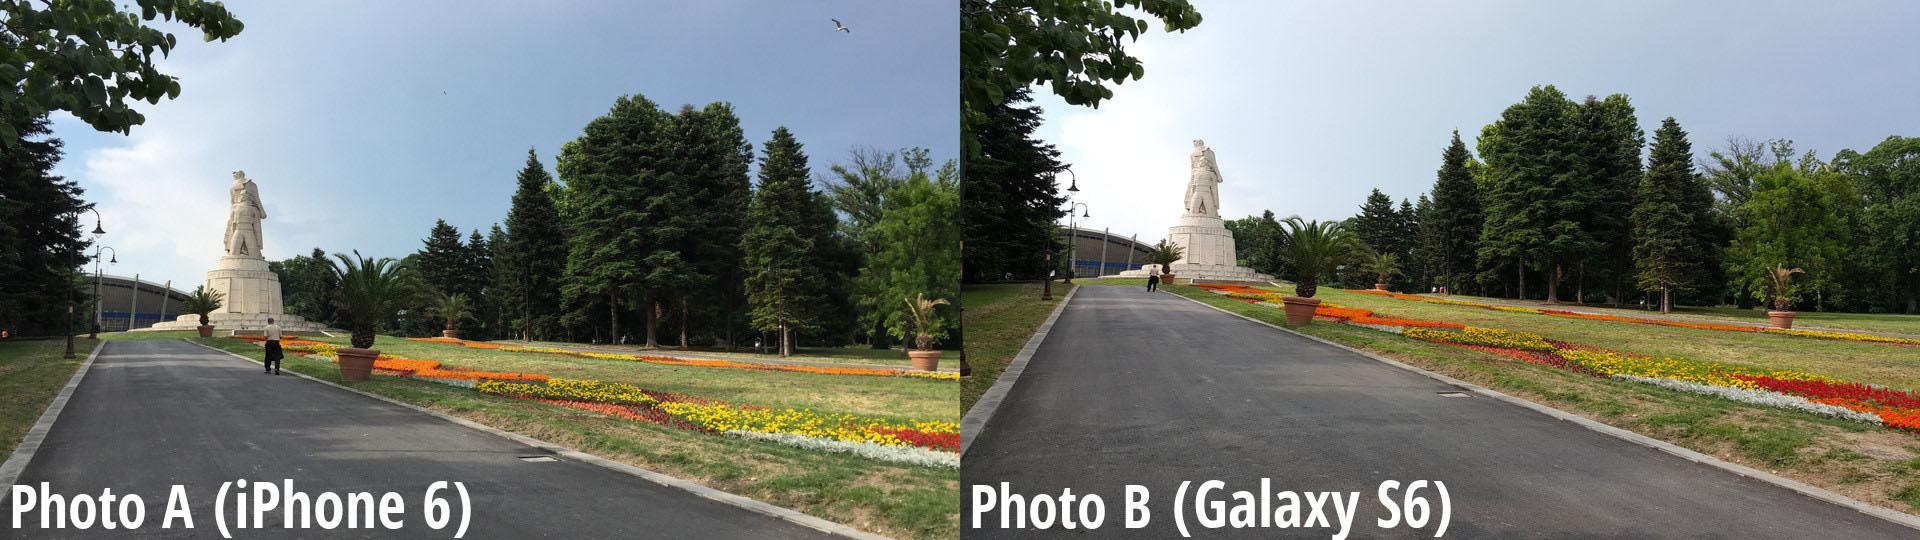 Un nouveau comparatif photo inutile entre le Galaxy S6 et l'iPhone 6